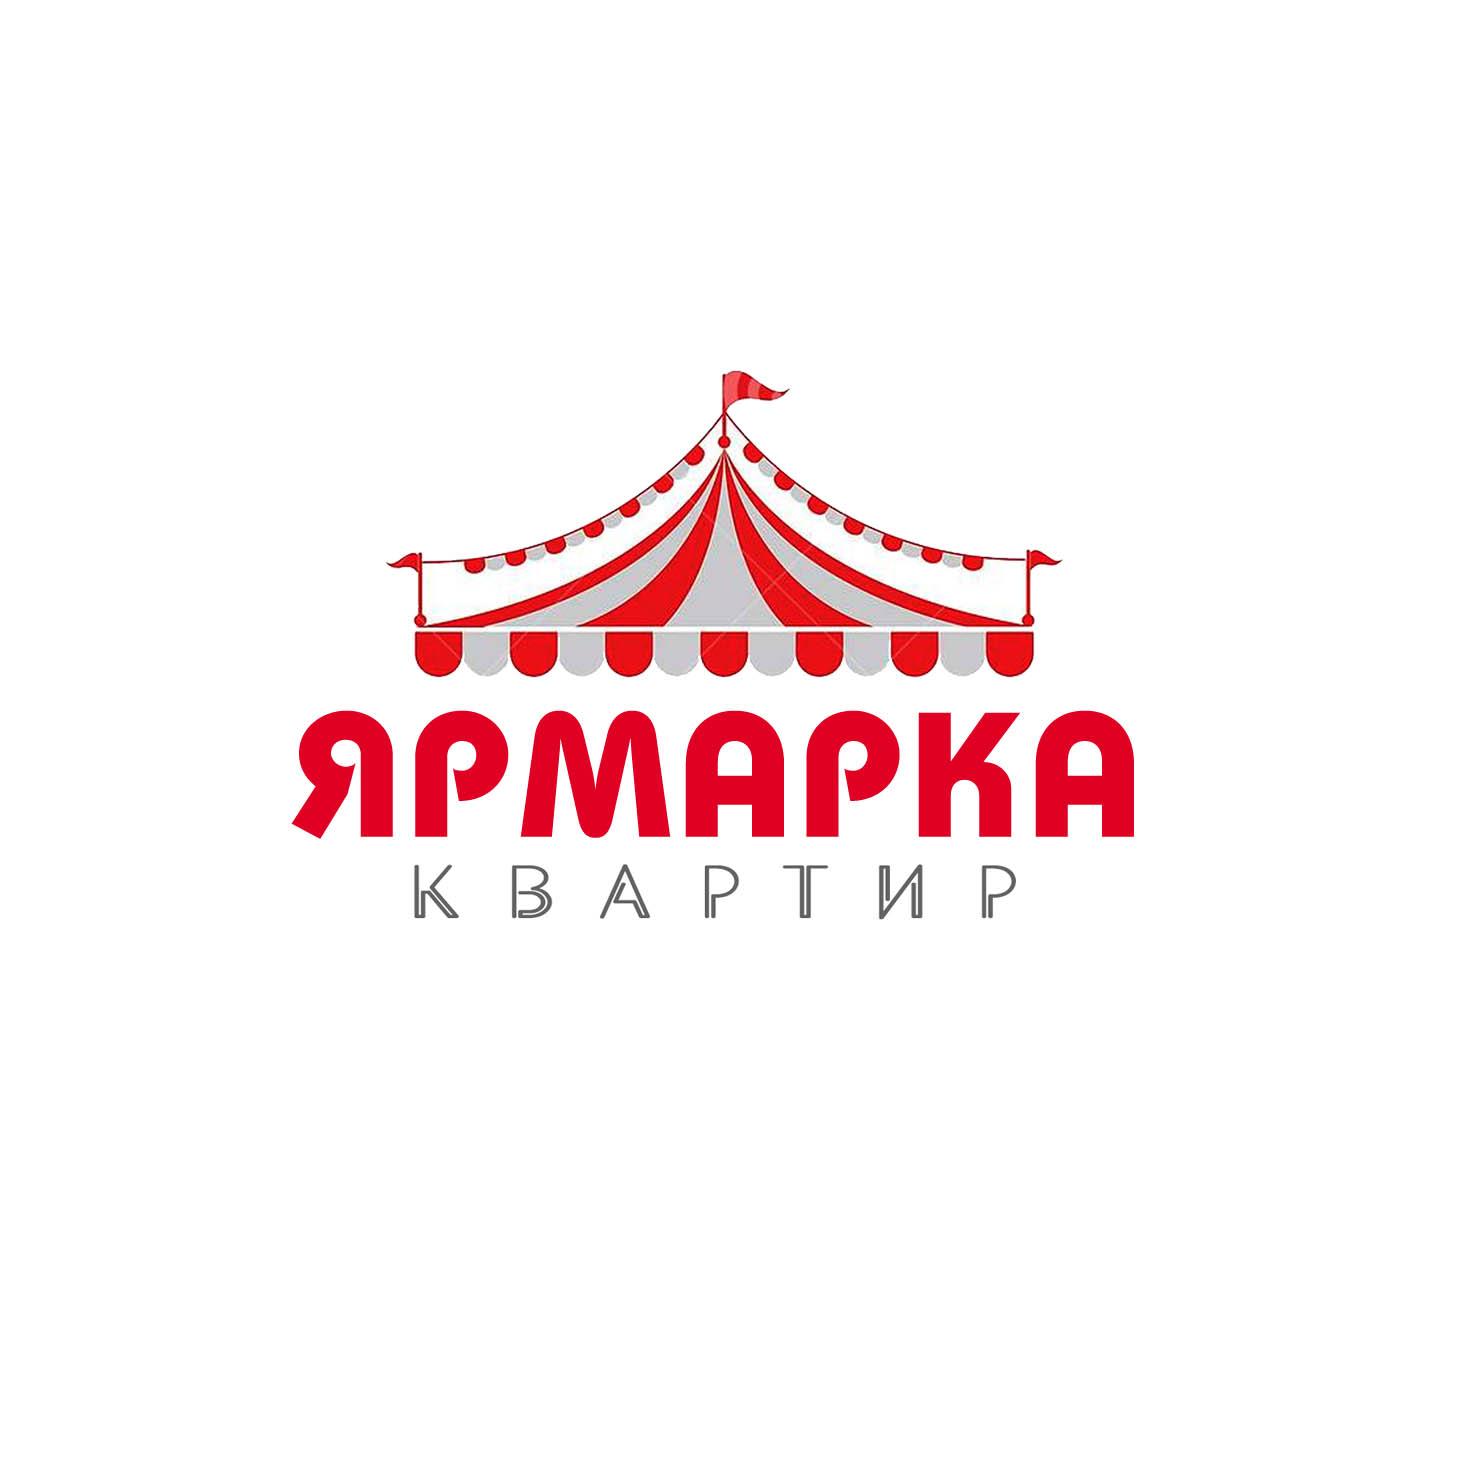 Создание логотипа, с вариантами для визитки и листовки фото f_5146009af1f4ca85.jpg